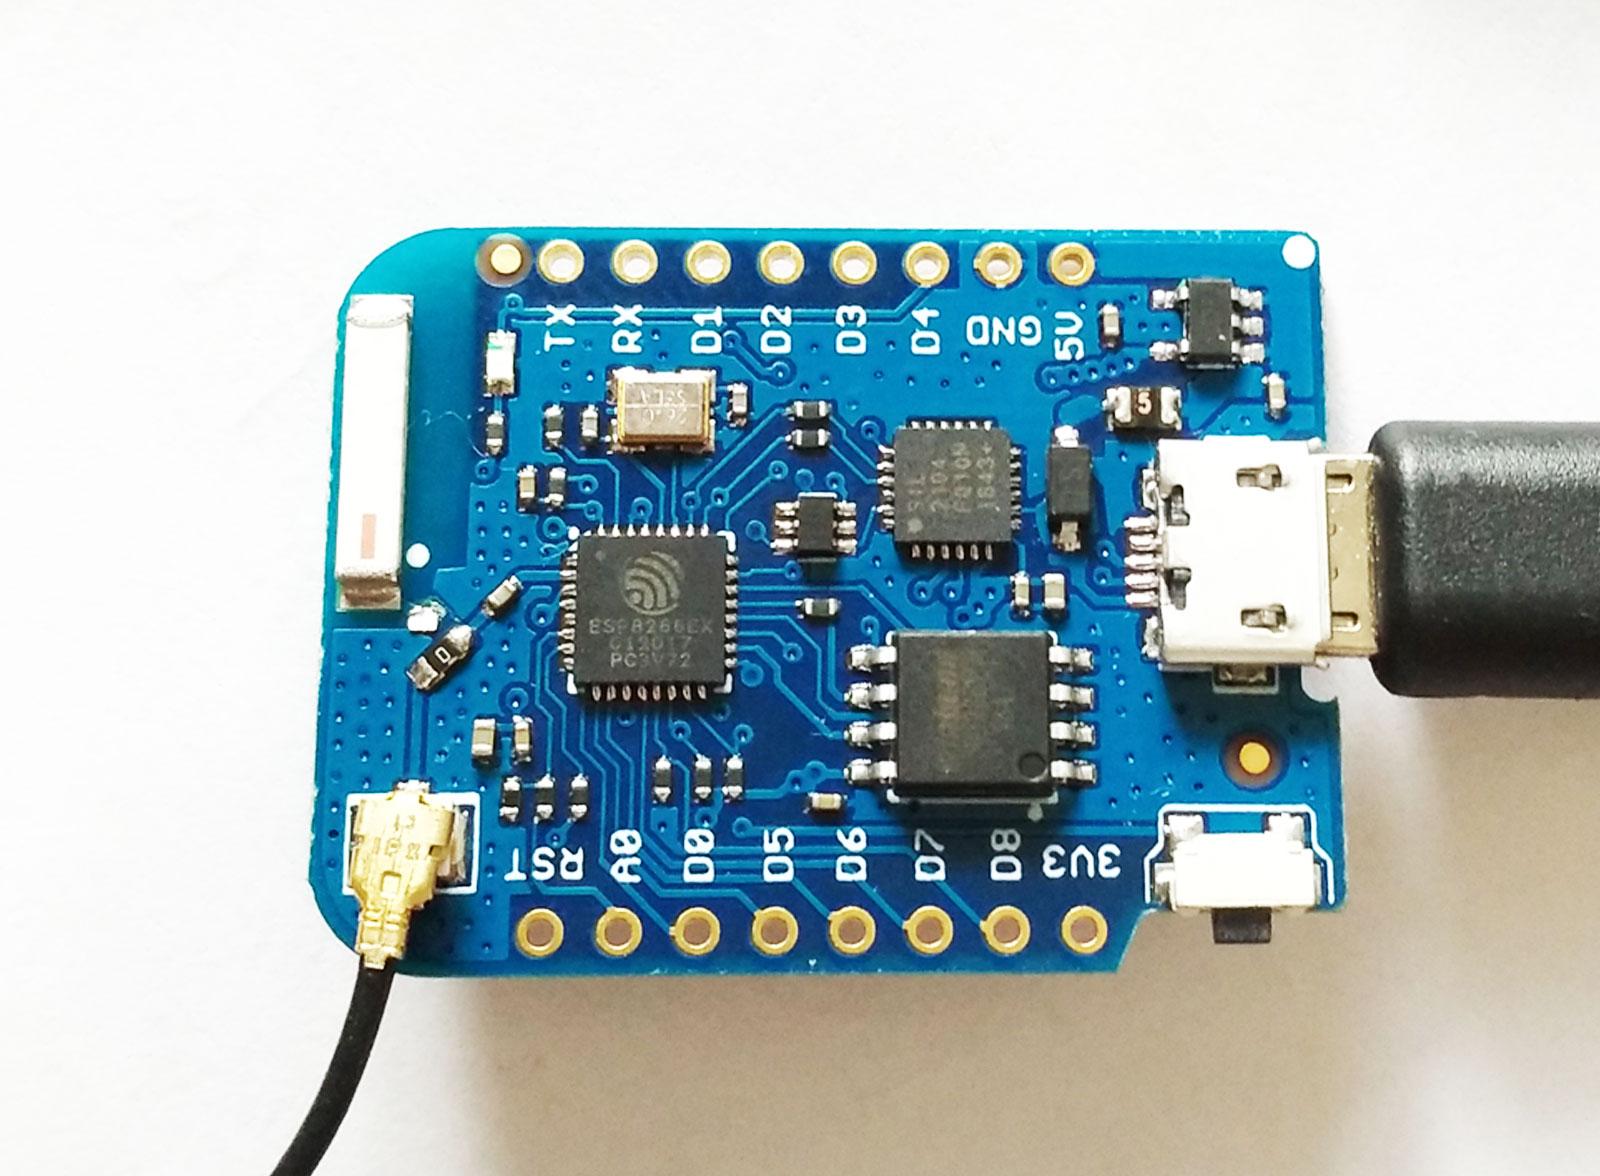 Esp d mini pro extenal antenna escapequotes